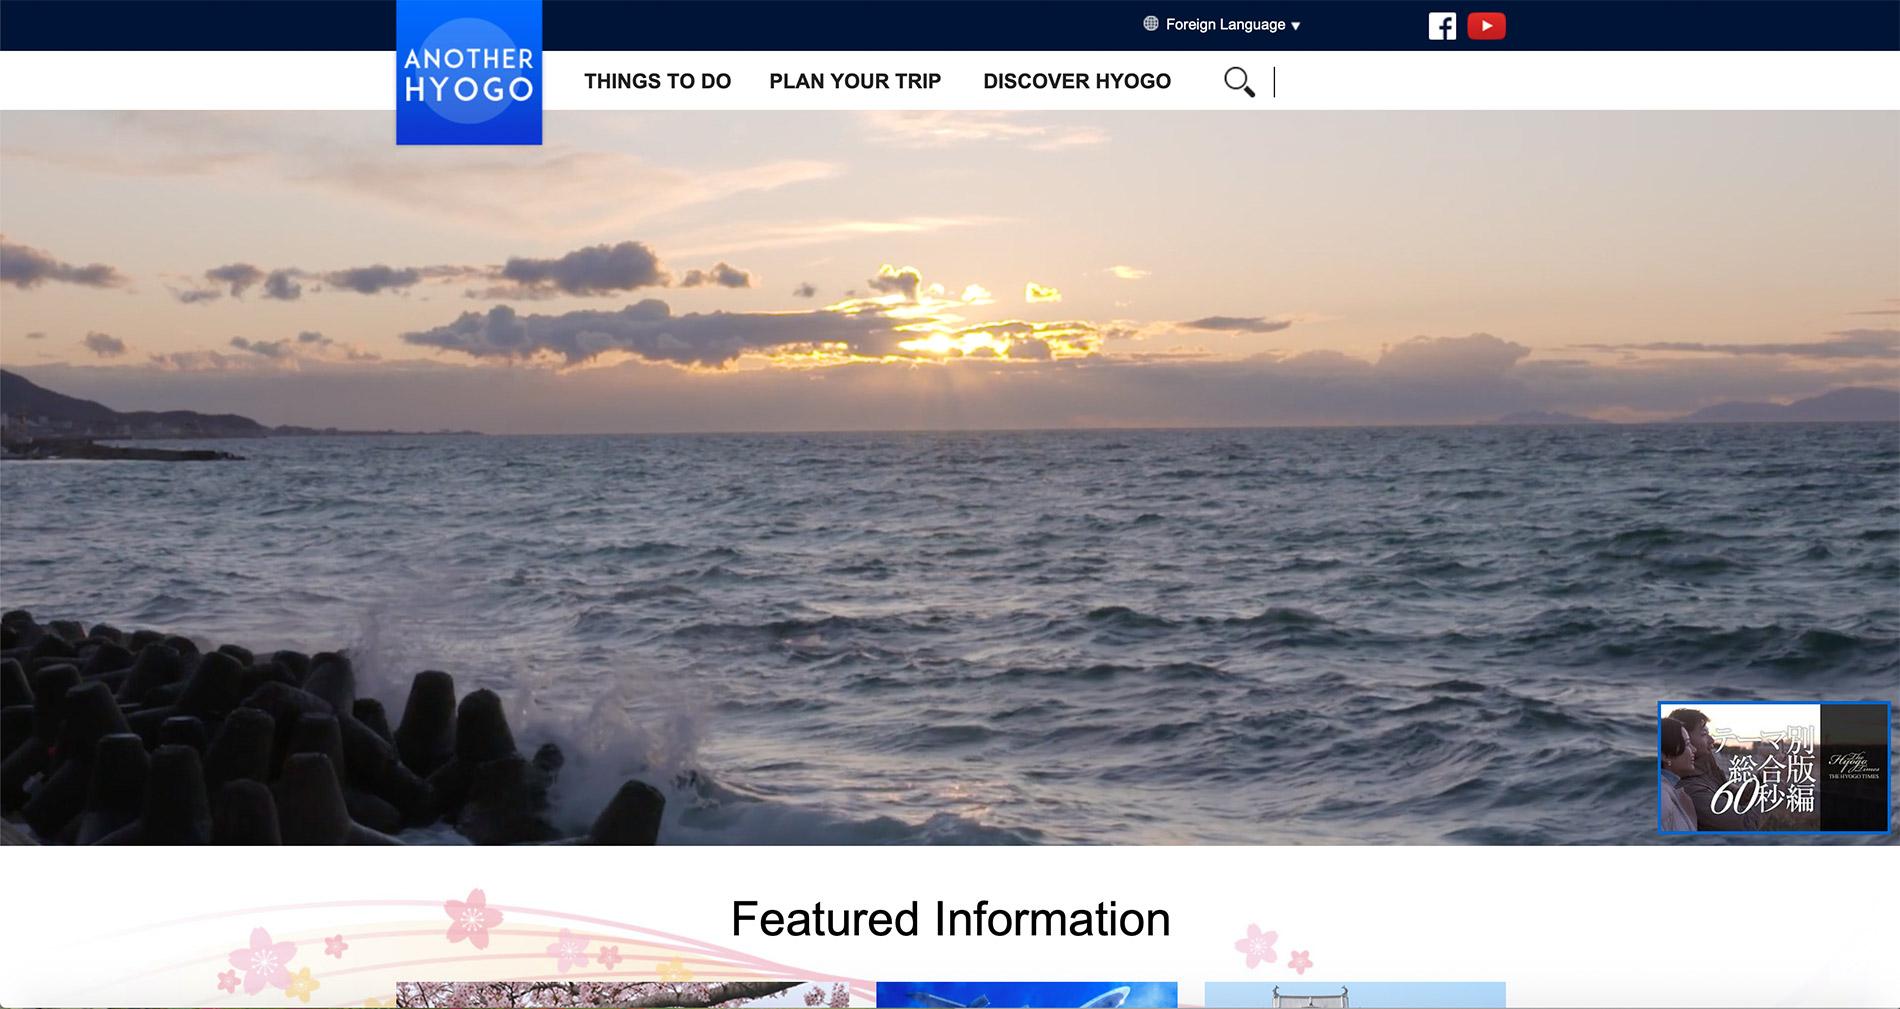 Die englische Webseite des Tourismusverbandes der Präfektur Hyōgo.